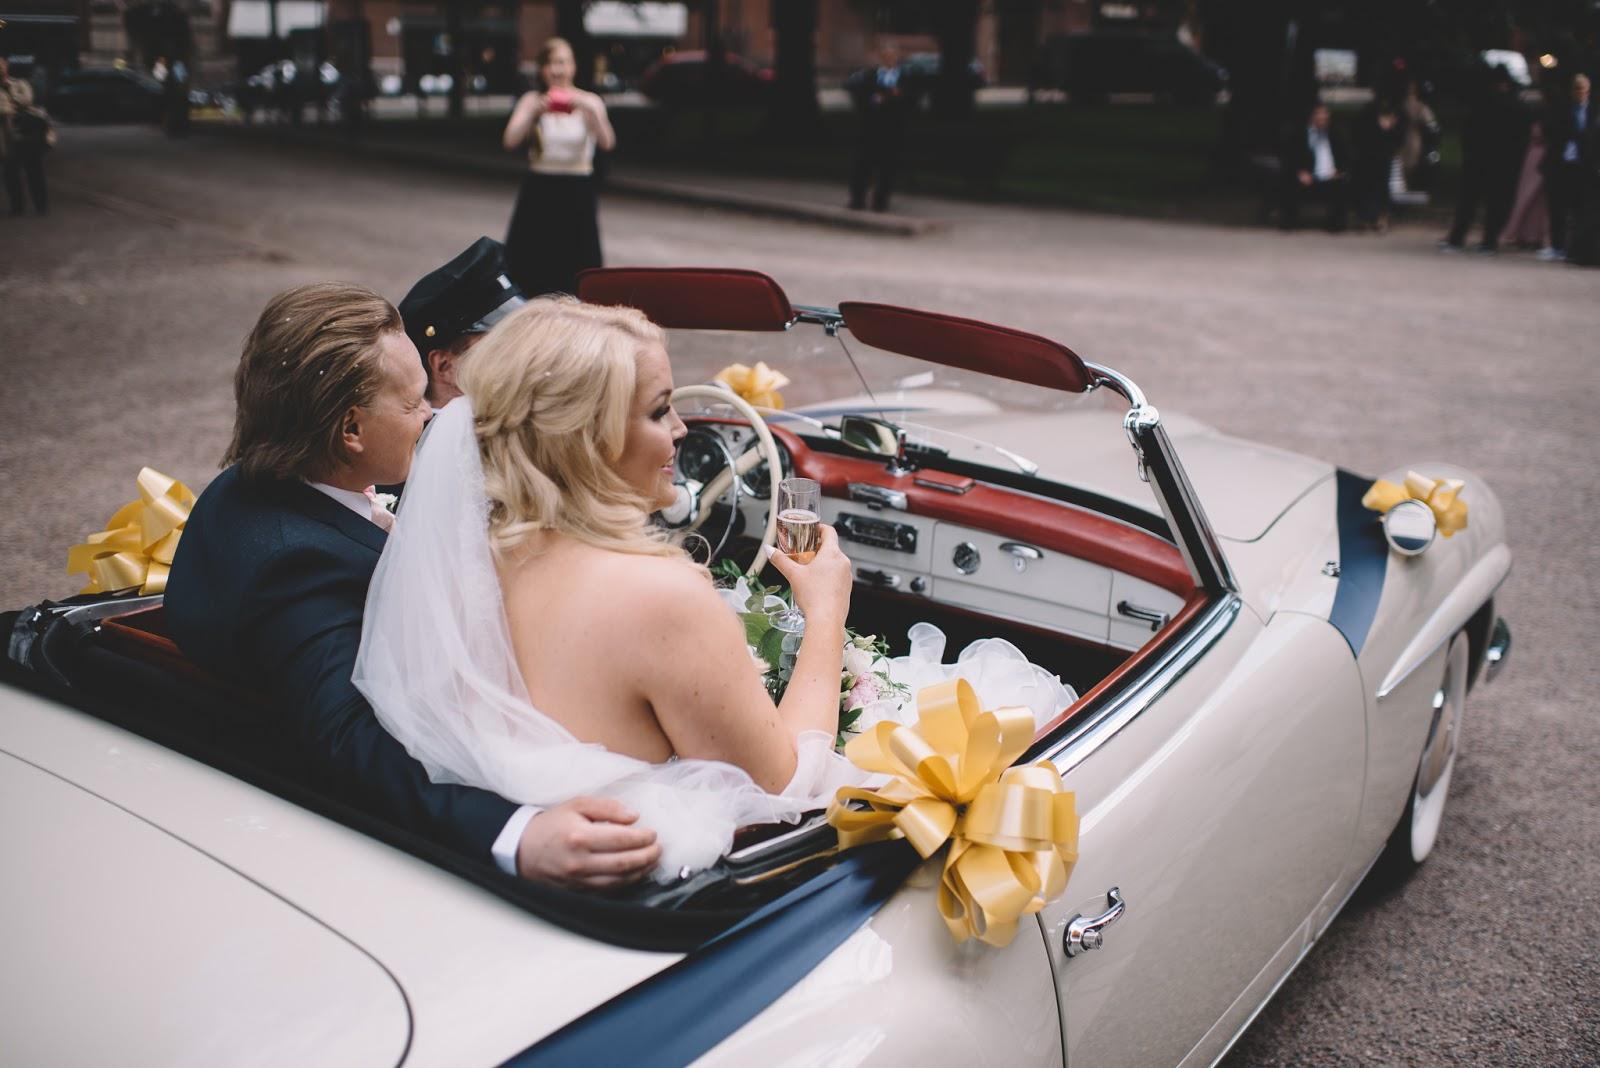 C Car eli hääauto hehe. Hääautonamme toimi tuttumme harrasteauto ja se oli  niin ihana ja he olivat ihanasti koristelleet sen jopa meidän teemaväreillä. 458b3bab7d